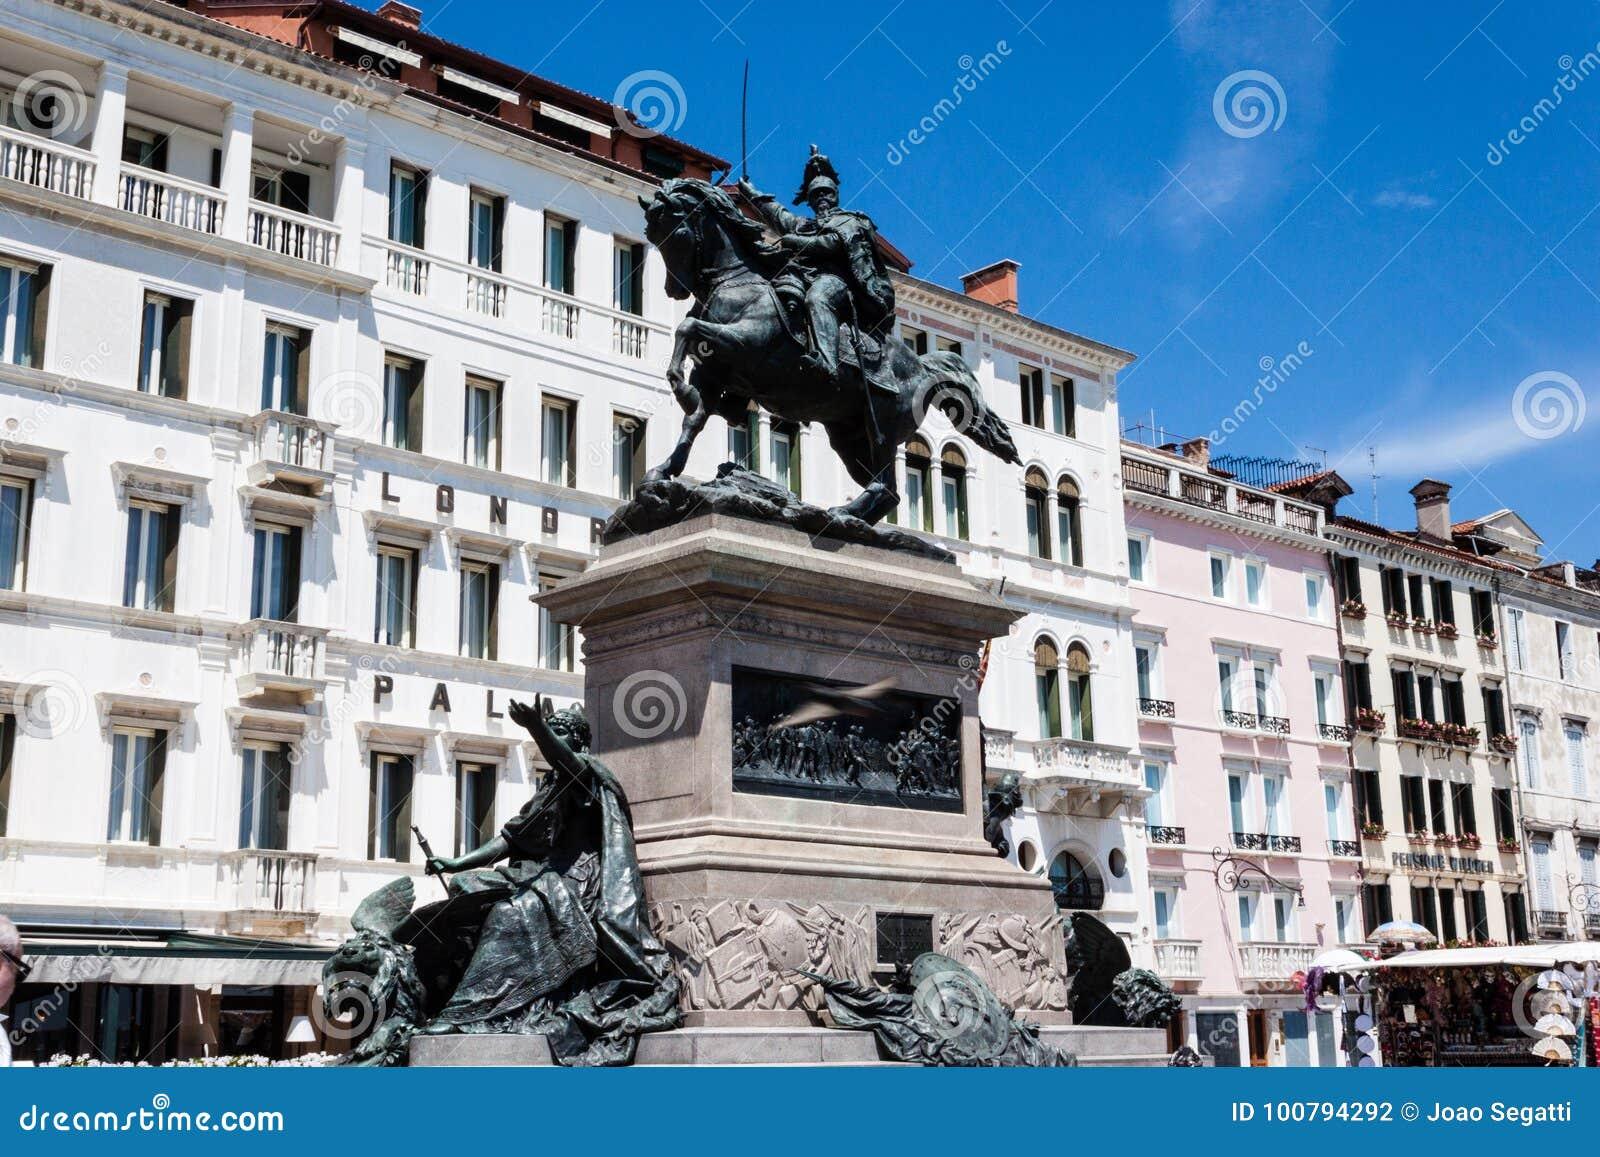 El monumento Monumento Nazionale de Victor Emmanuel II Vittorio Emanuele II